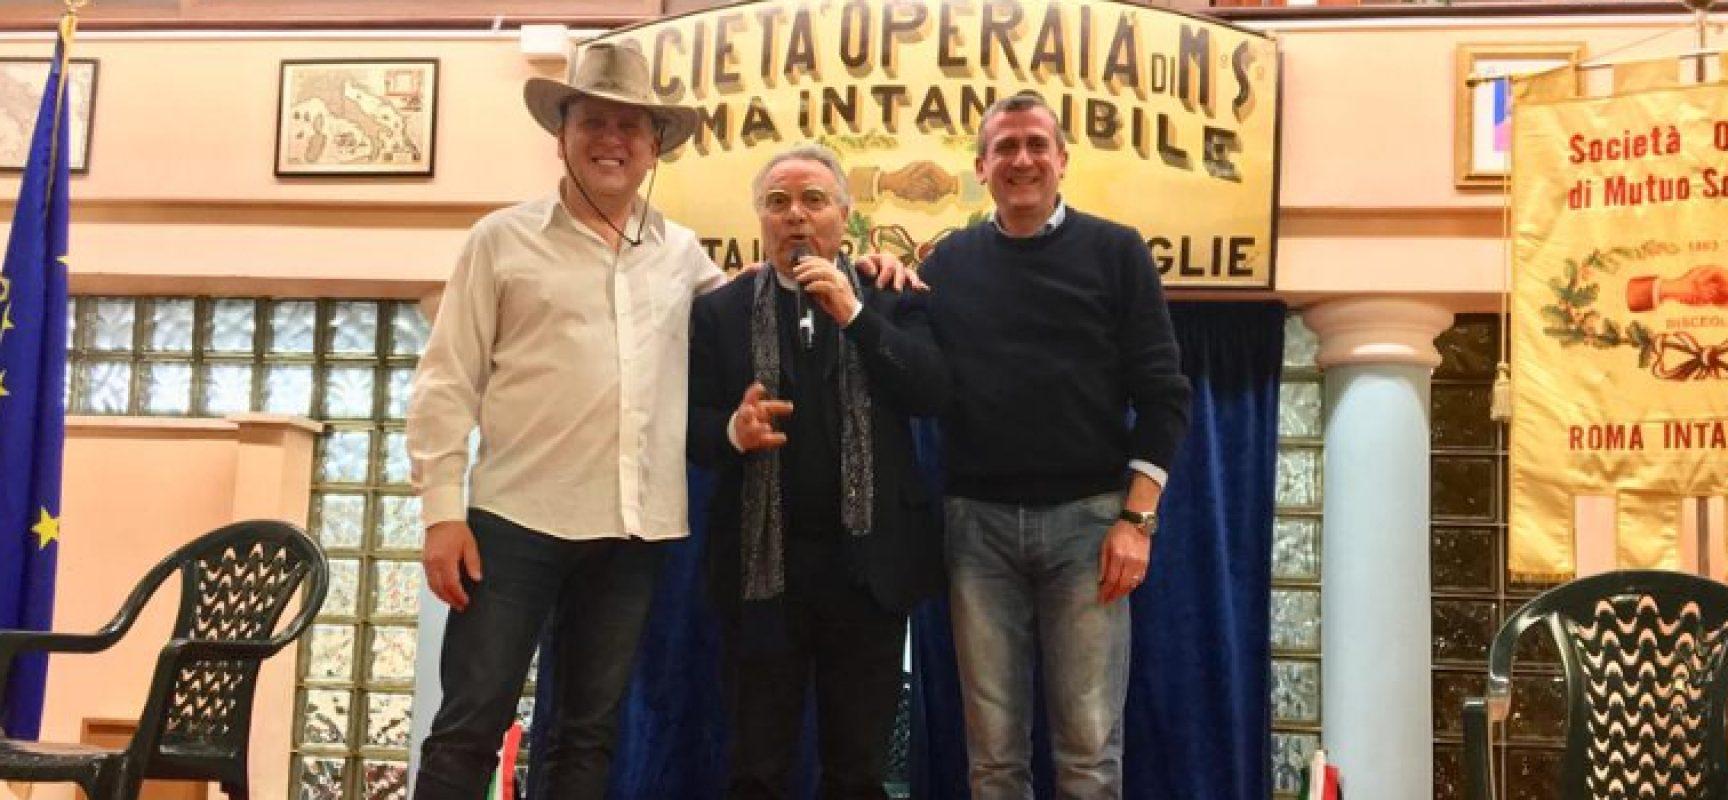 Applausi per Pino Tatoli e Carlo Monopoli nella serata di cabaret a Roma Intangibile / FOTO